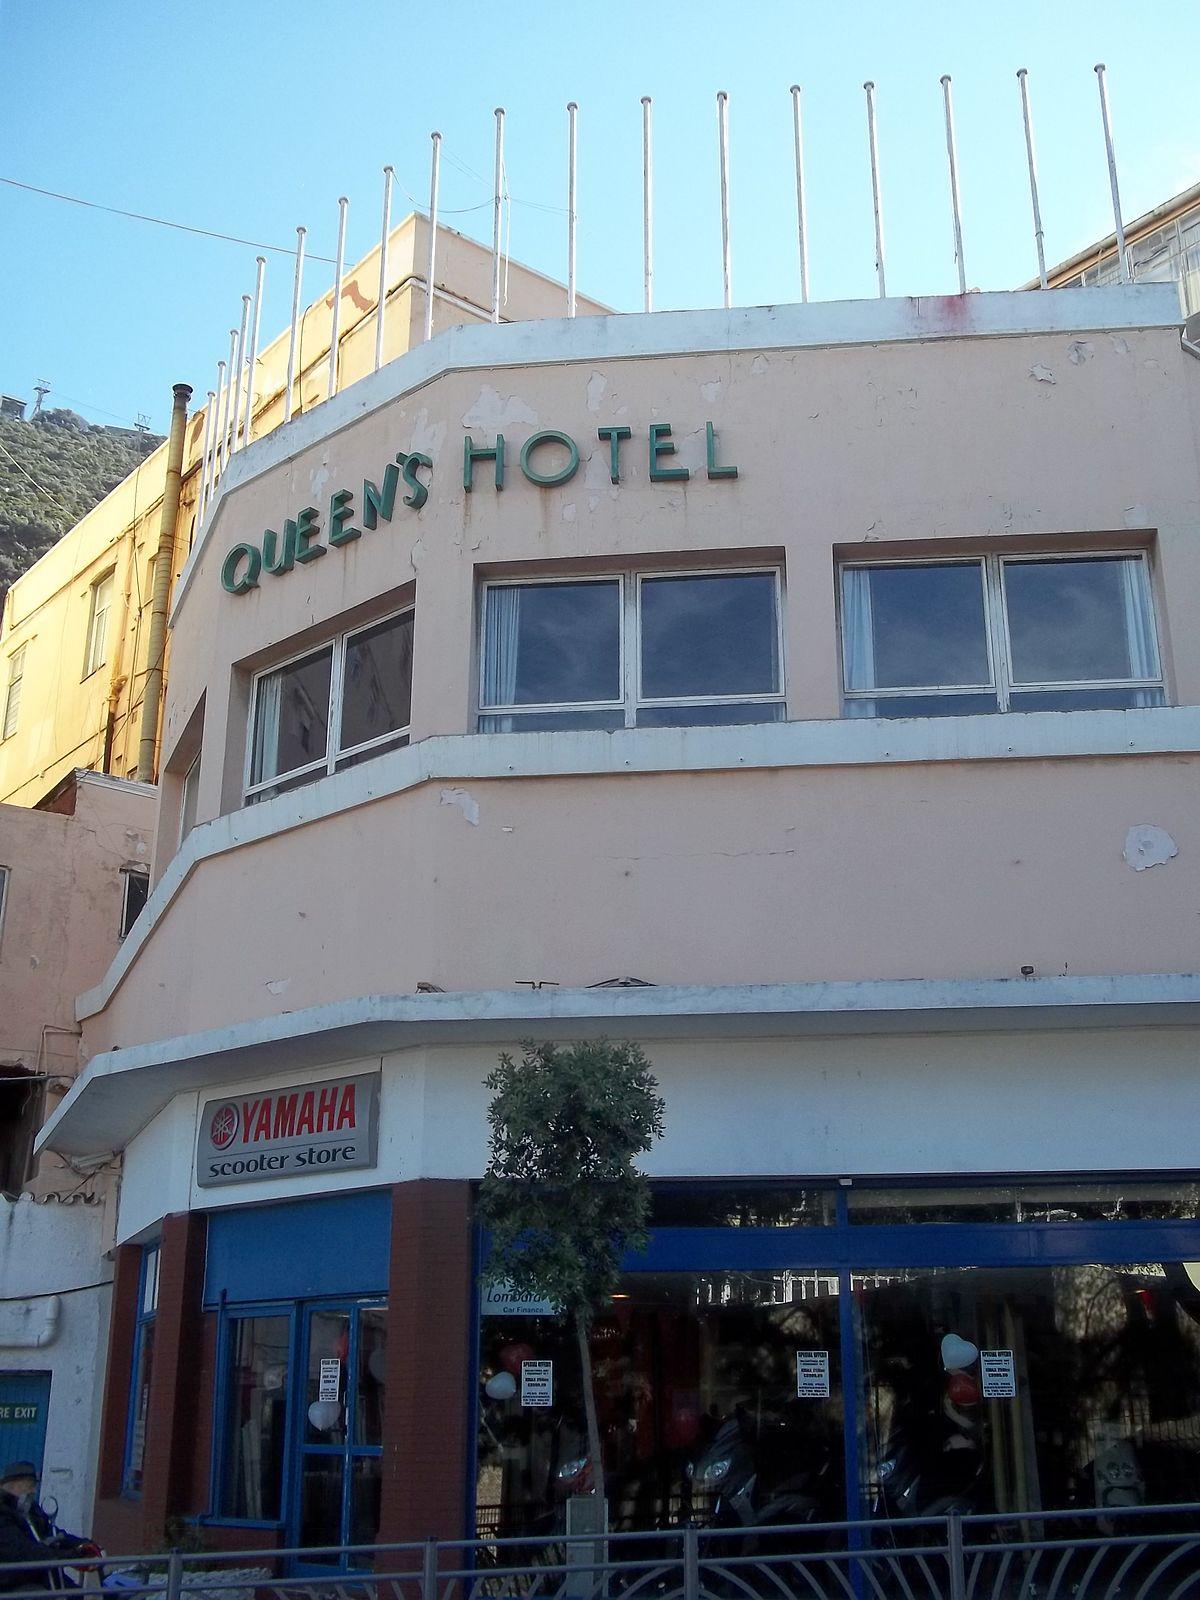 queen u0026 39 s hotel  gibraltar